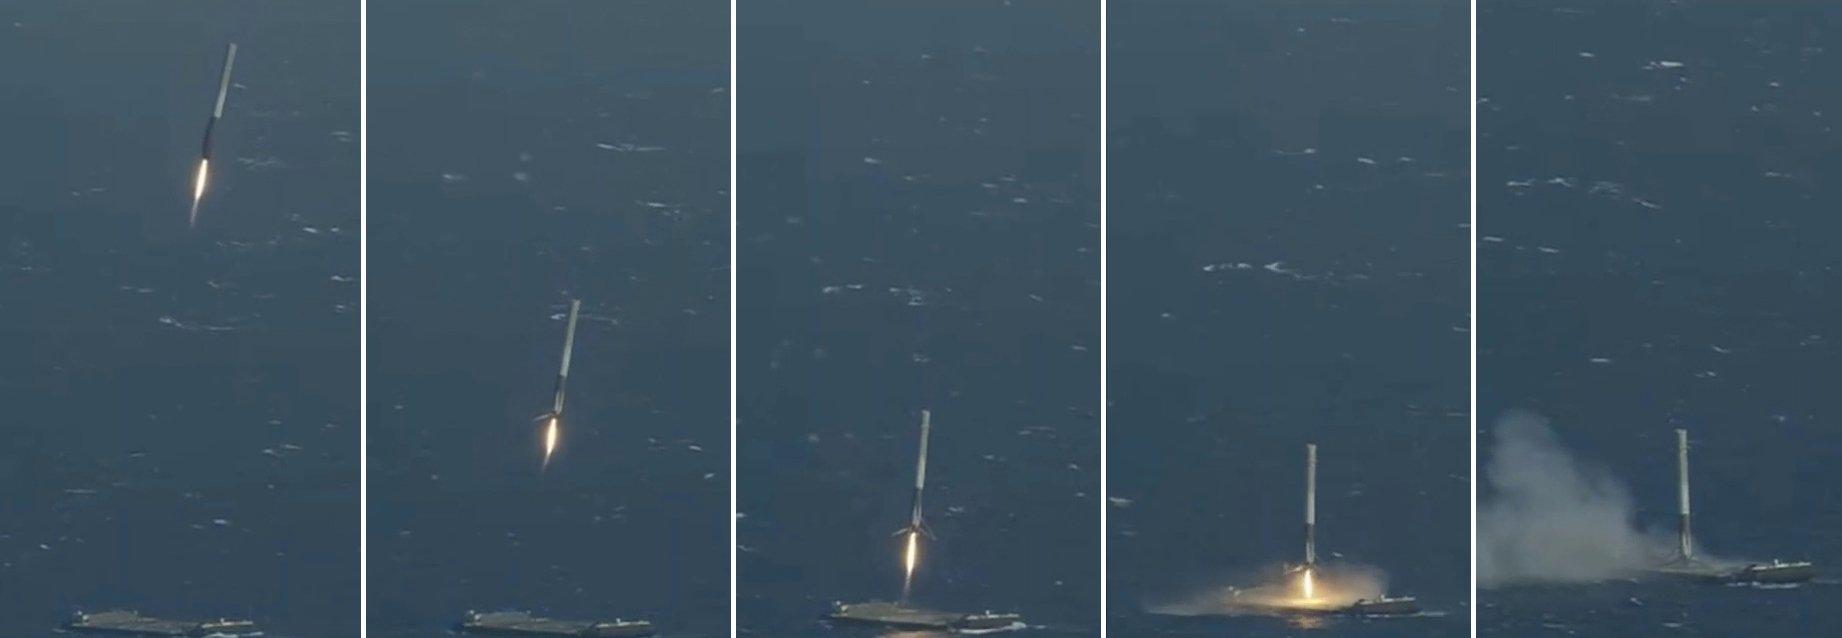 Screenshots aus einem Video der US-Raumfahrtfirma SpaceX zeigen die Landung der untersten Raketenstufe einer Falcon9-Rakete auf der unbemannten schwimmenden Plattform